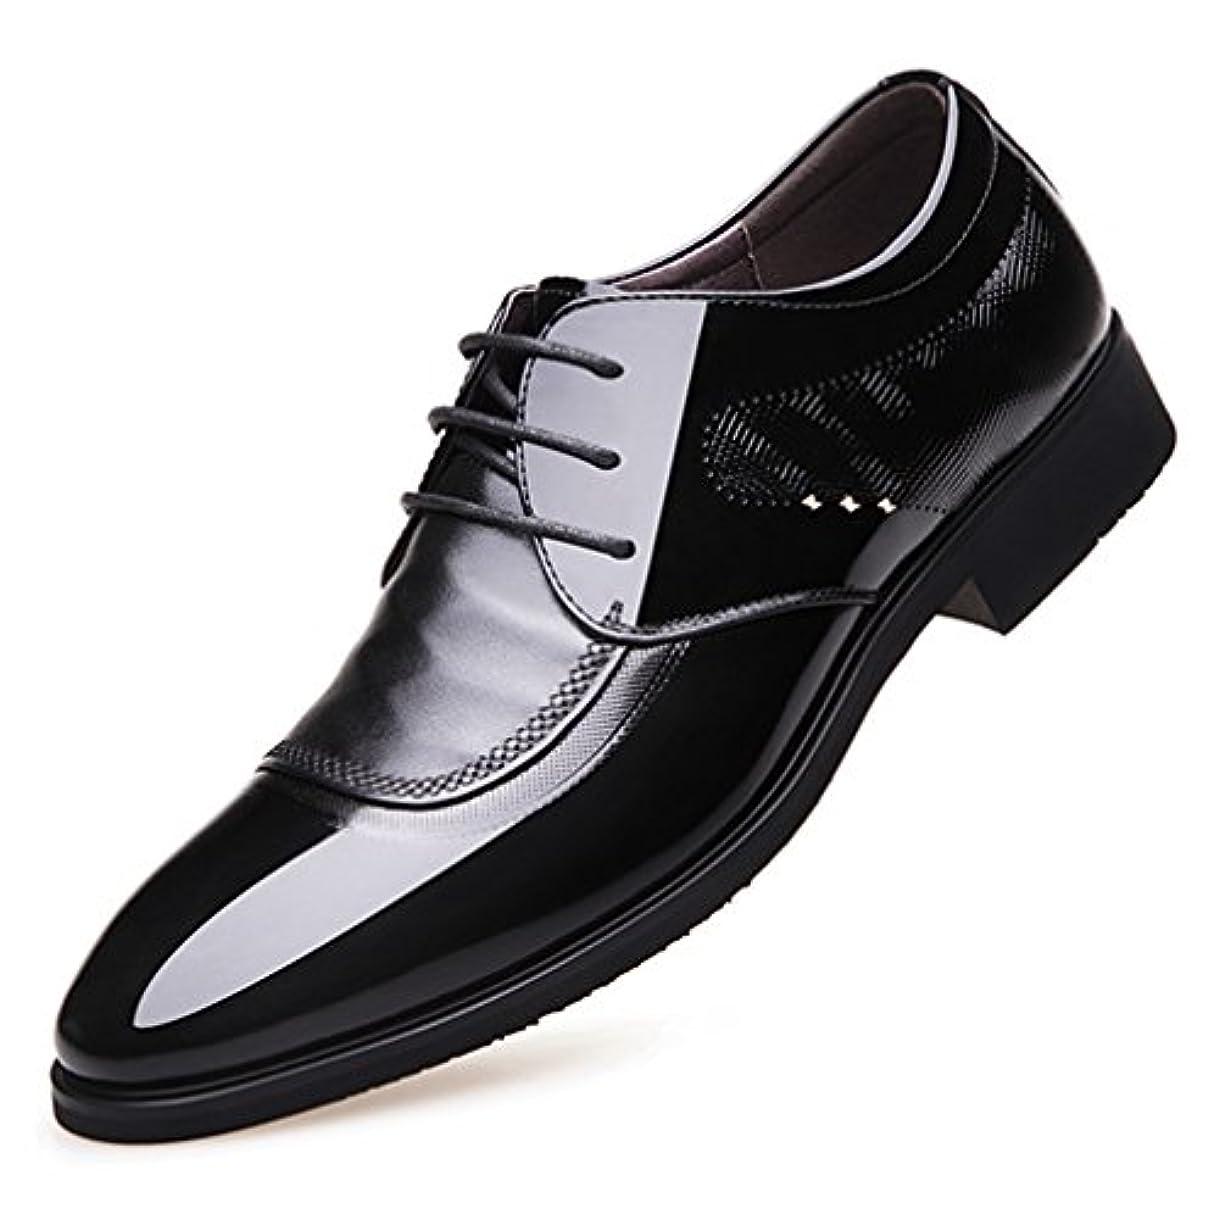 シネウィバリケード割り当てるビジネスシューズ メンズ 紳士靴 靴 PU革靴 本革並 歩きやすい 紳士靴 通勤 軽量 防滑 カジュアル 歩きやすい フォーマルシューズ 24.0cm 24.5cm 25.0cm 25.5cm 26.0cm 26.5cm...